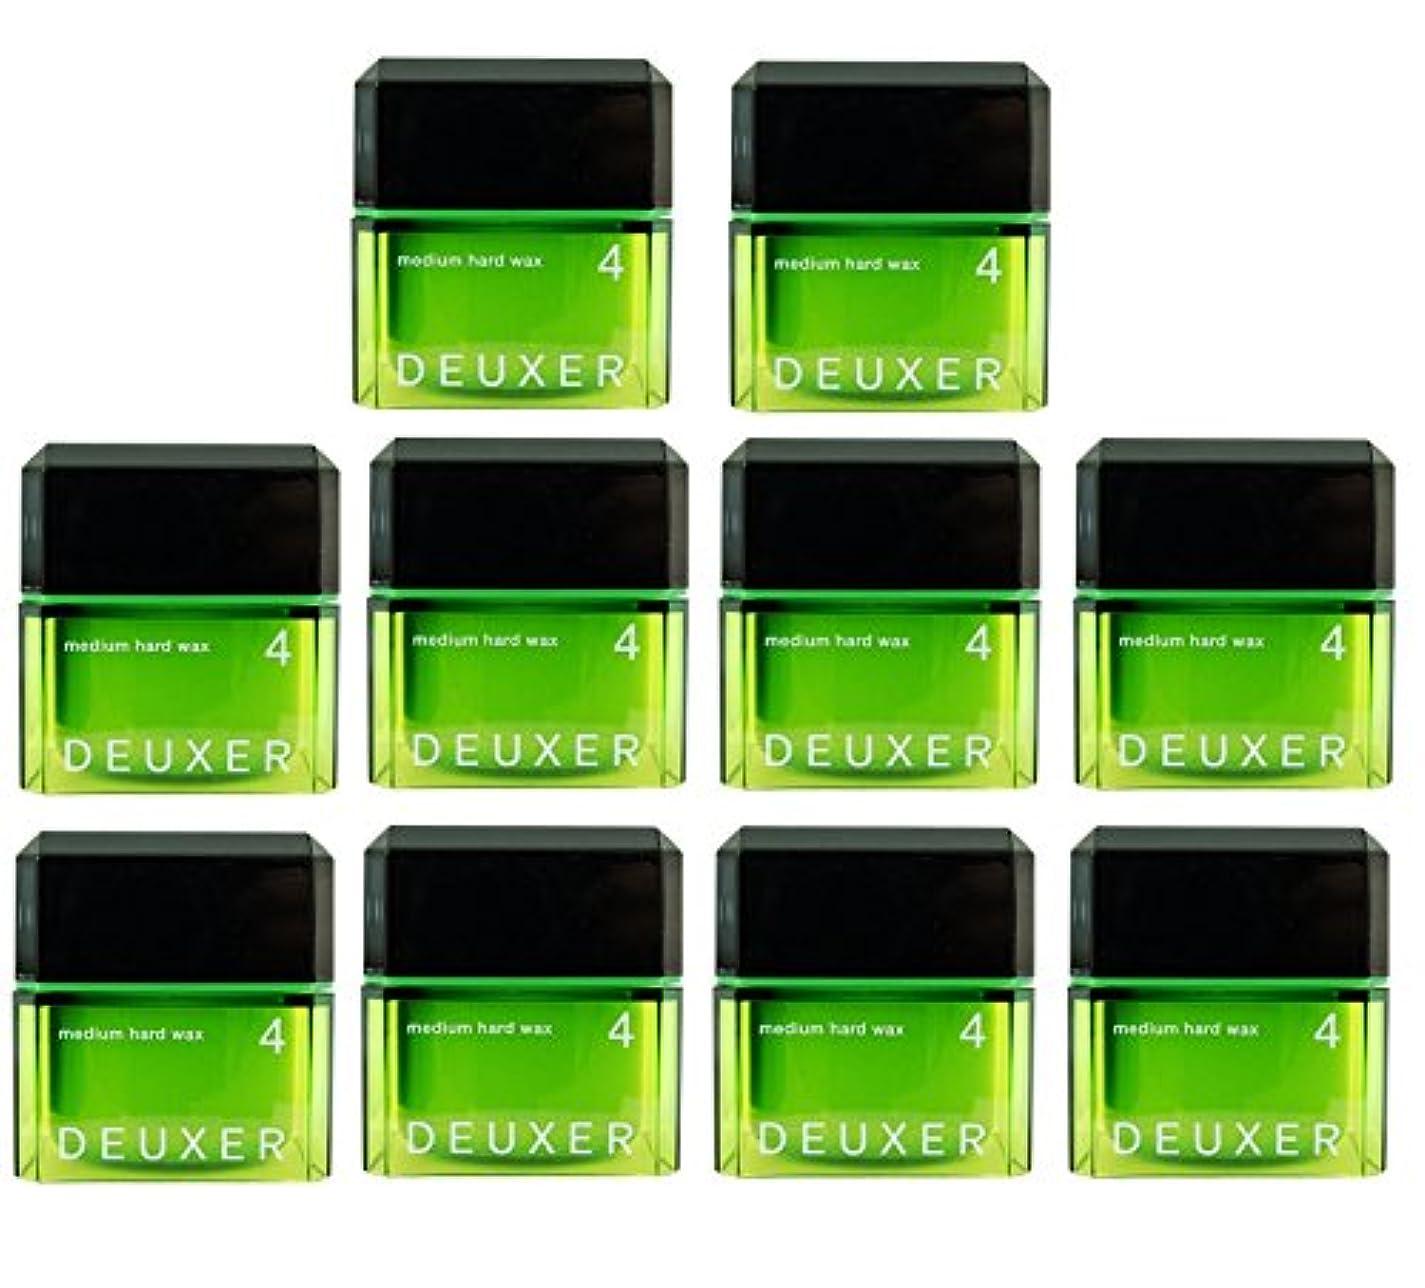 第四明日クロス【X10個セット】 DEUXER デューサー ミディアムハード ワックス 4 80g